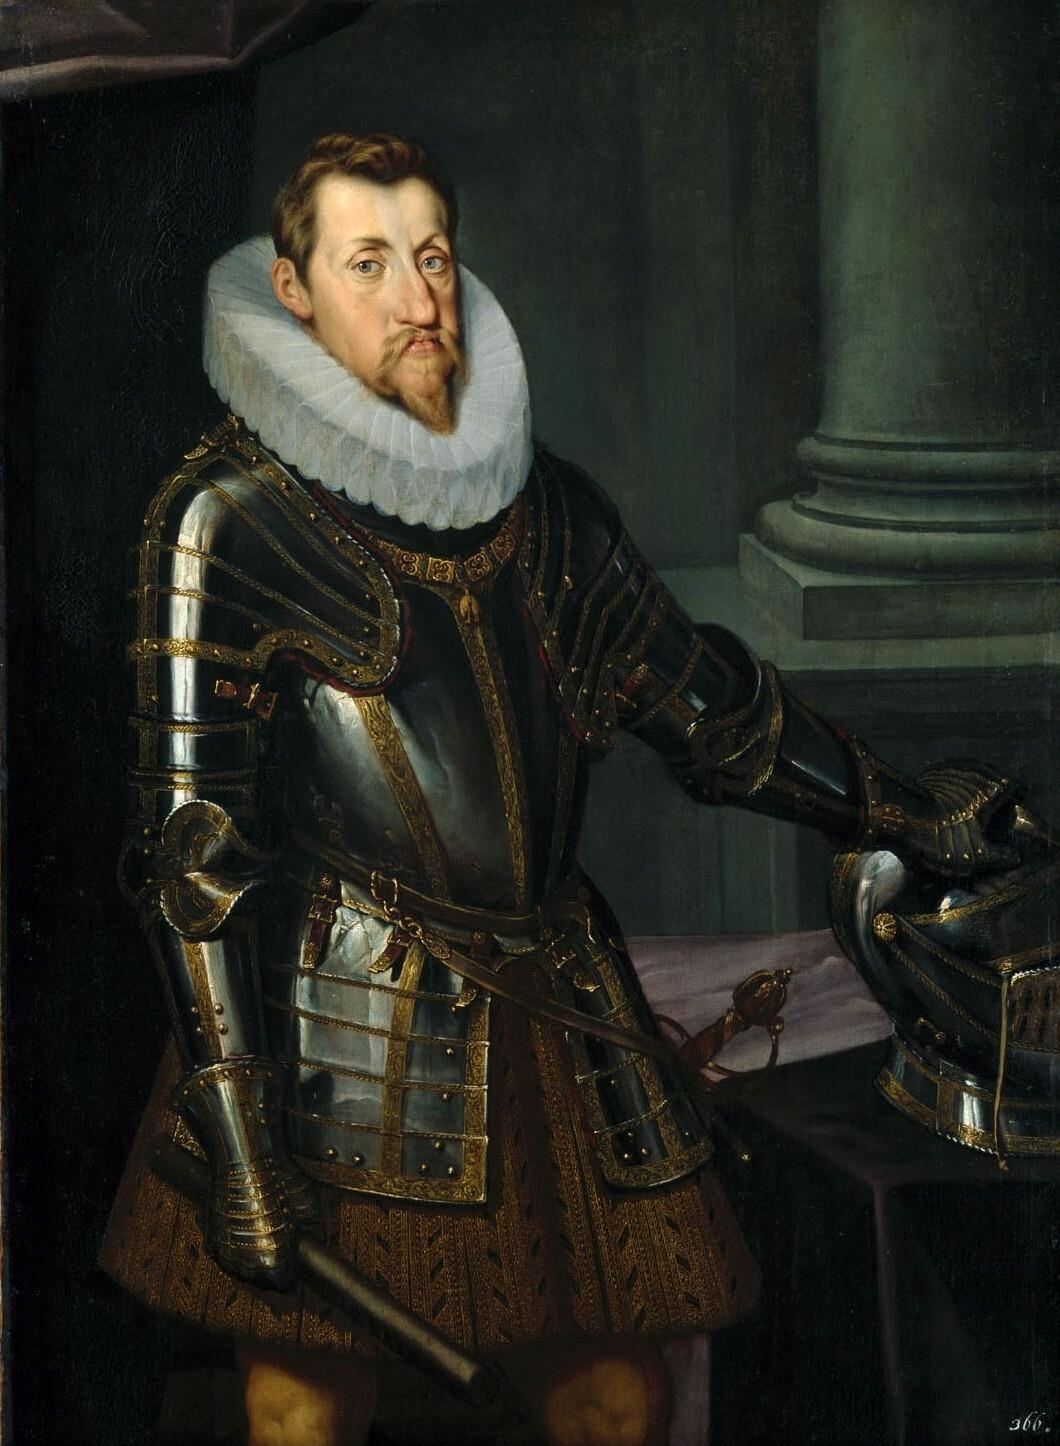 Erzherzog Ferdinand II. von Innerösterreich (1578-1637) im Harnisch, Kniestück, seit 1619 Kaiser Ferdinand II. von Österreichisch